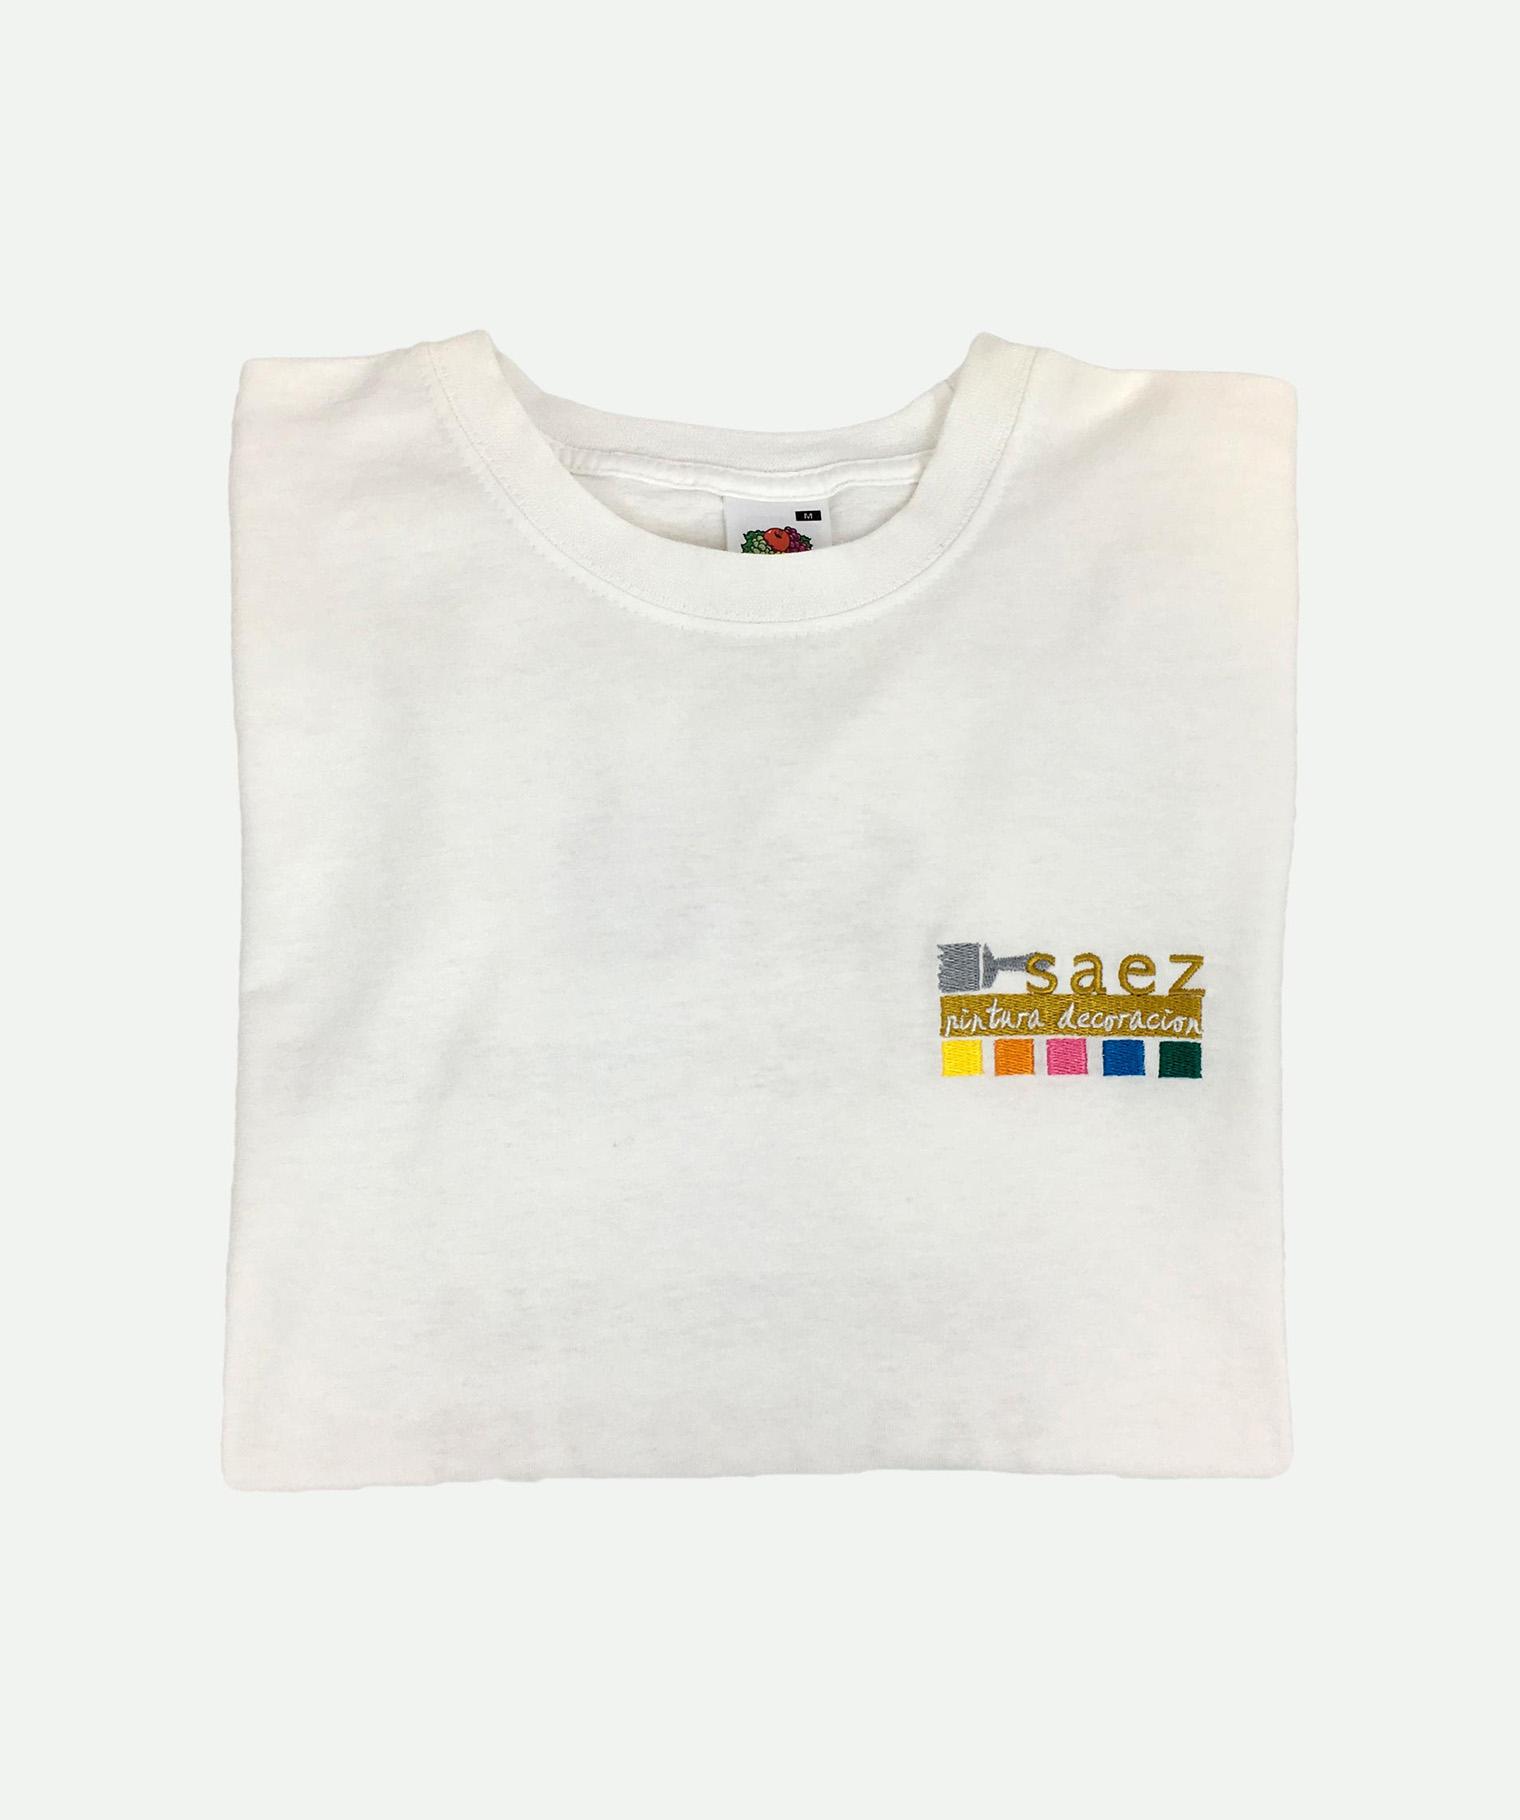 Camiseta bordada blanca